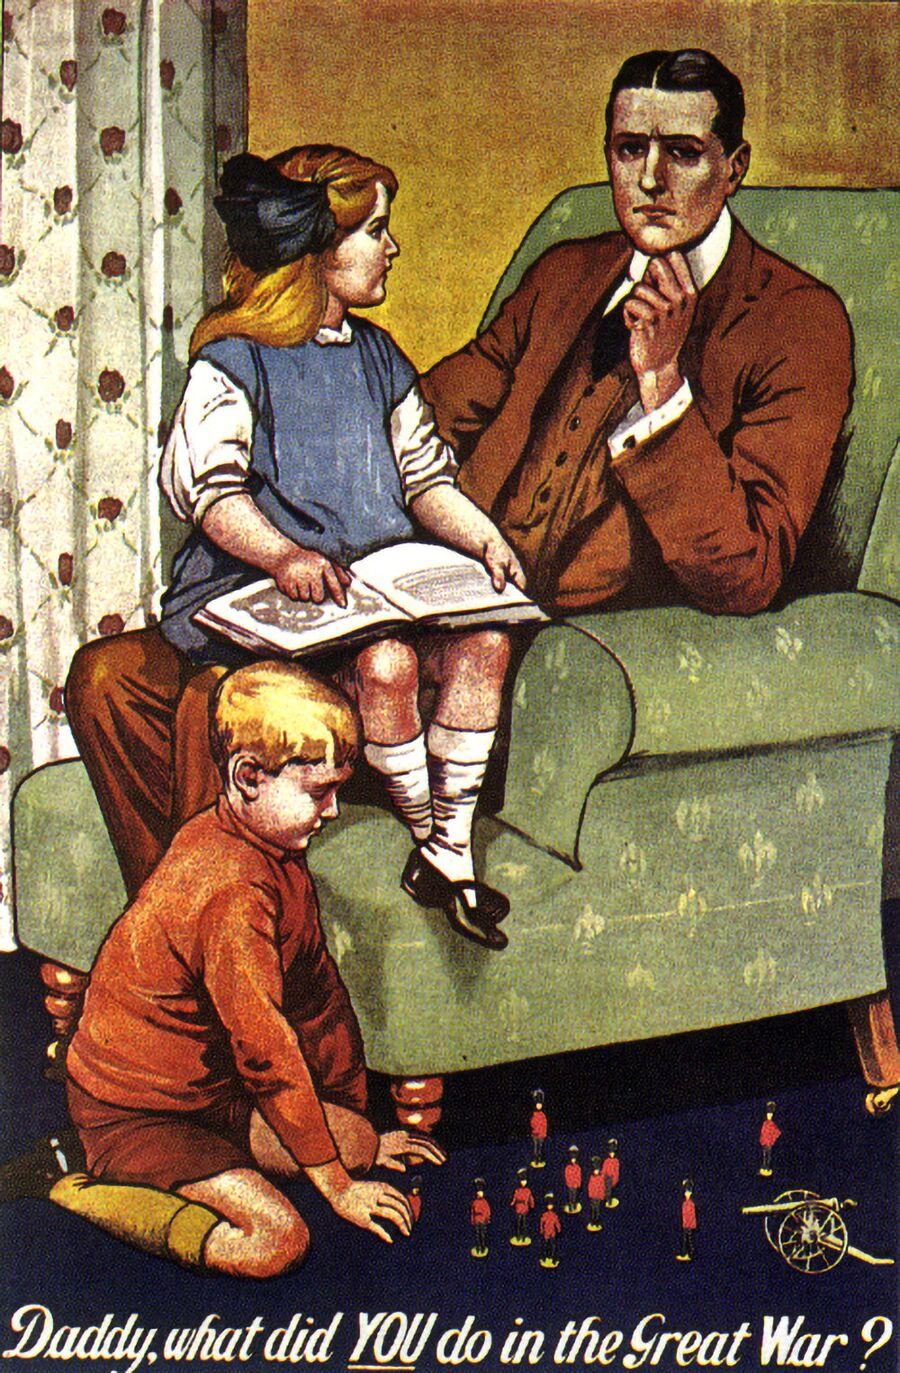 Агитационный плакат времен Первой мировой войны. Великобритания, 1915